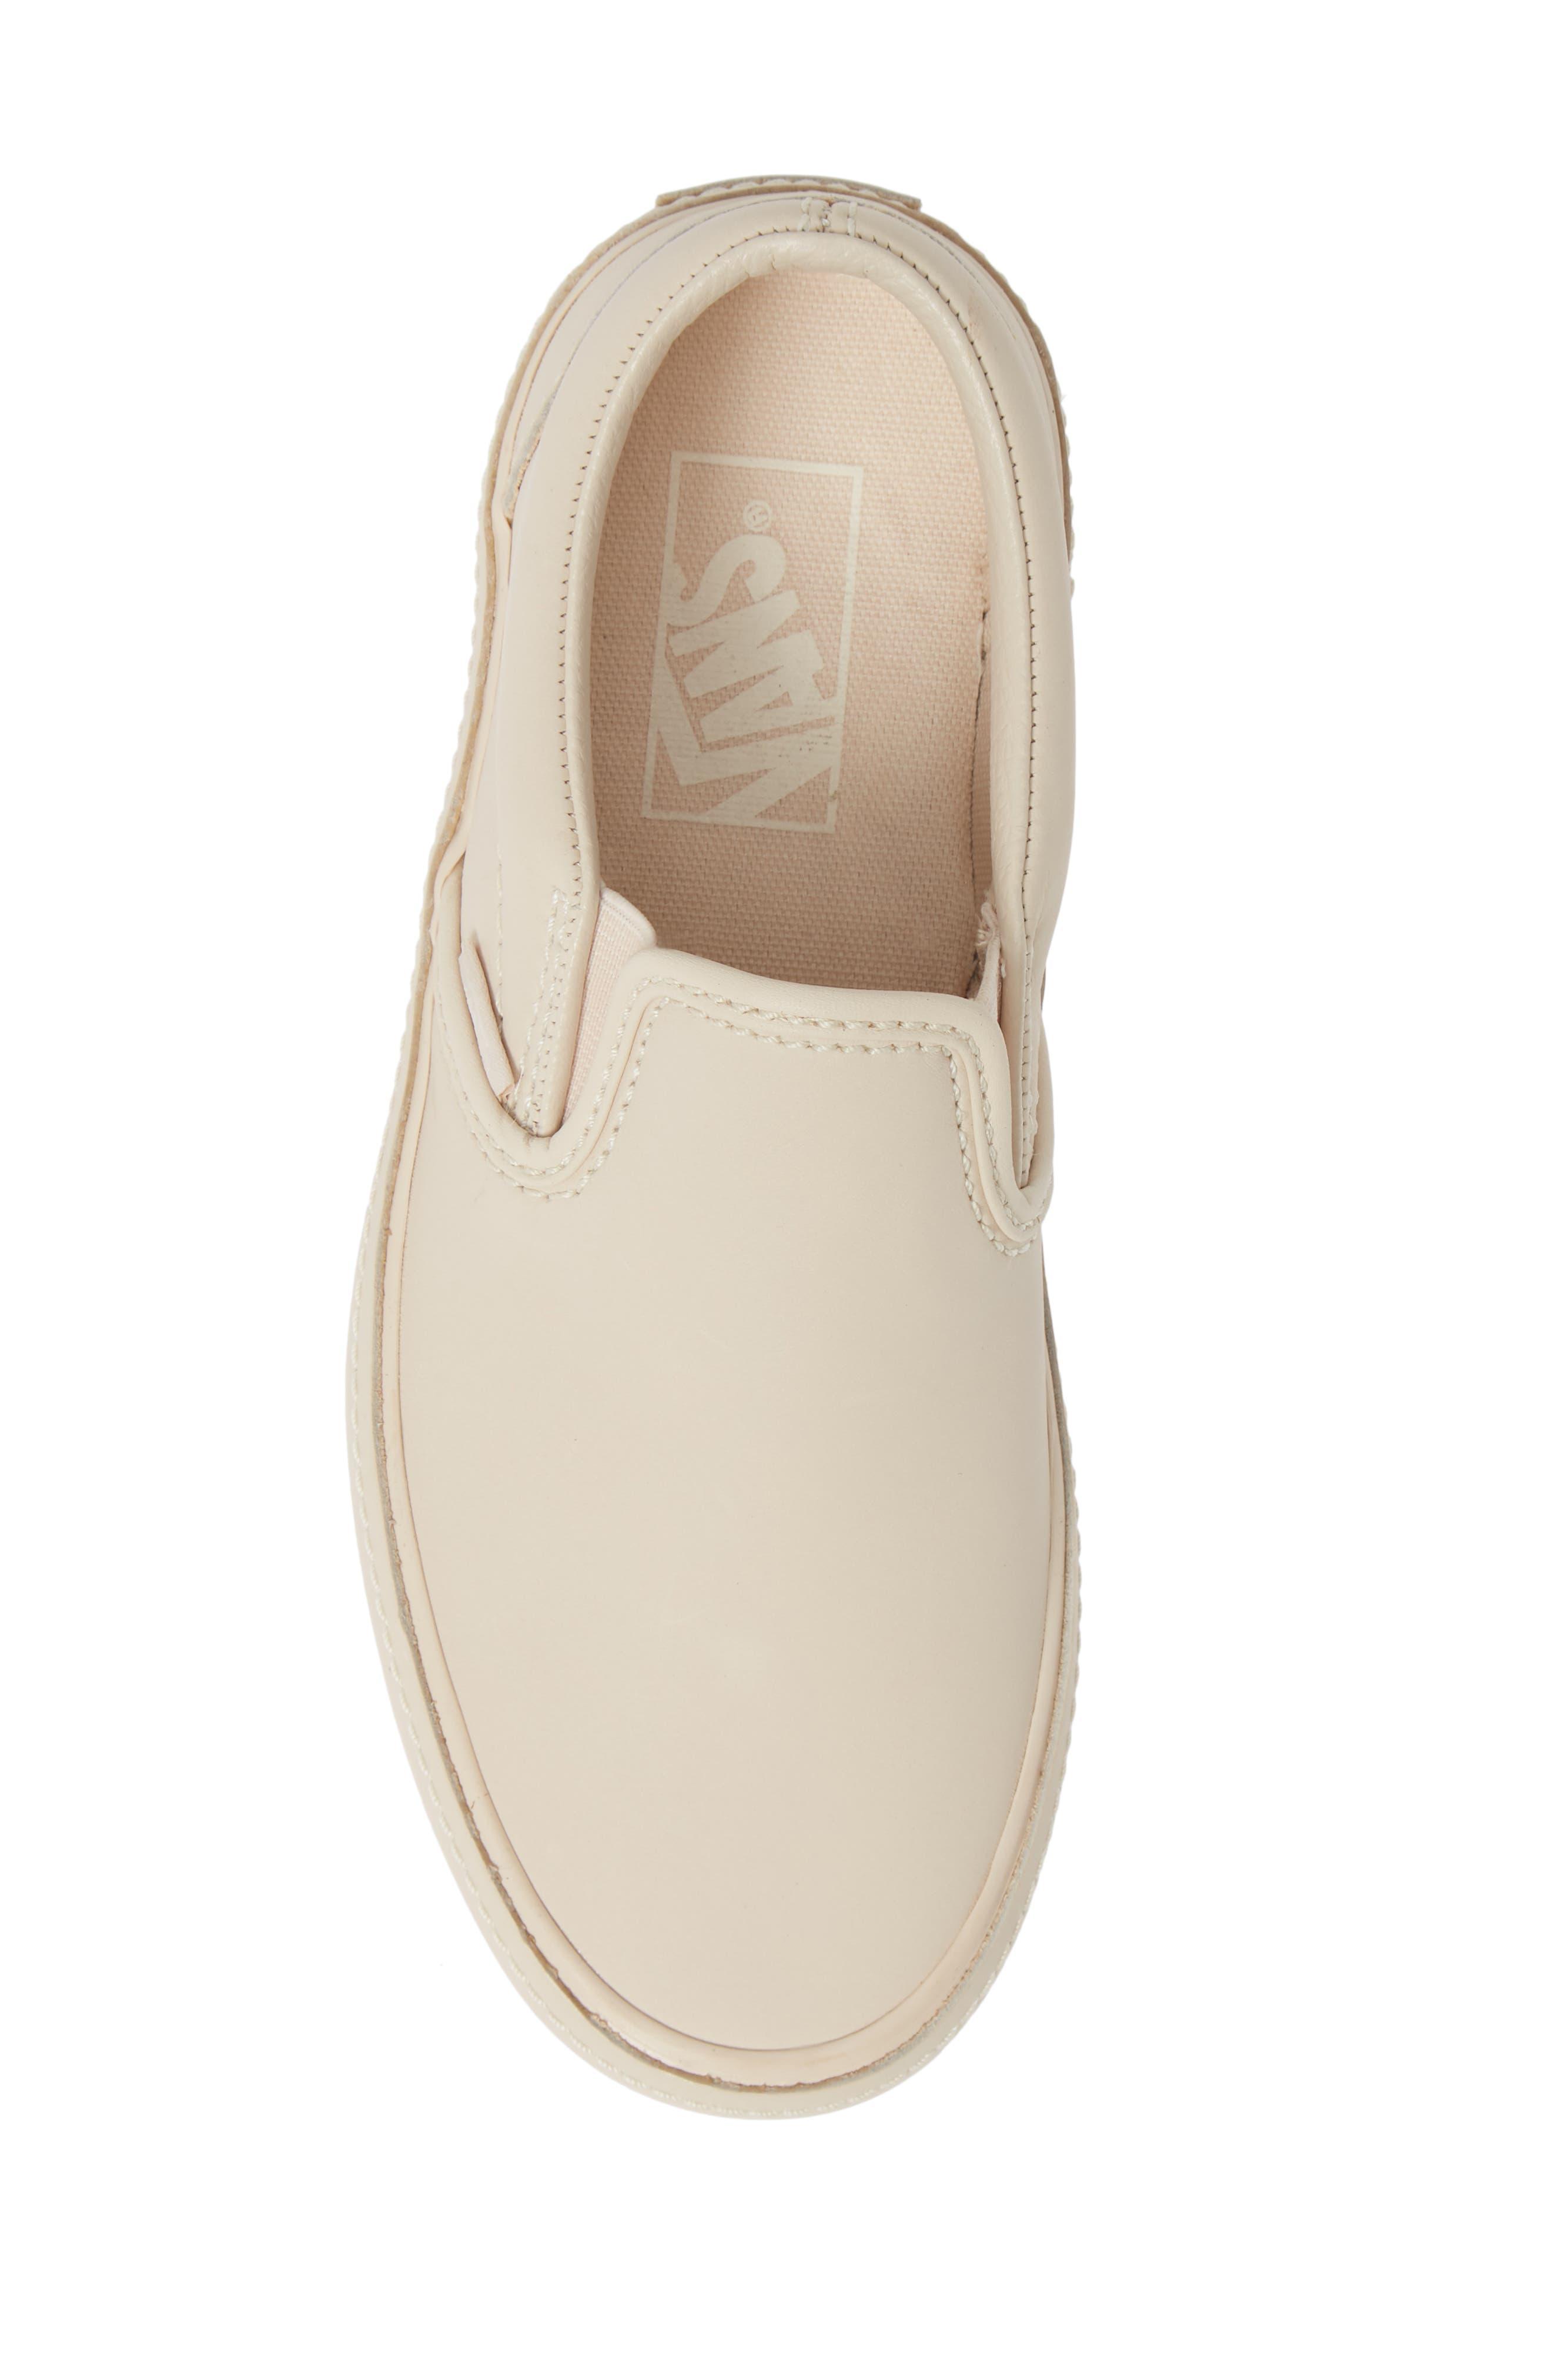 VANS,                             Classic Leather Slip-On Sneaker,                             Alternate thumbnail 5, color,                             270